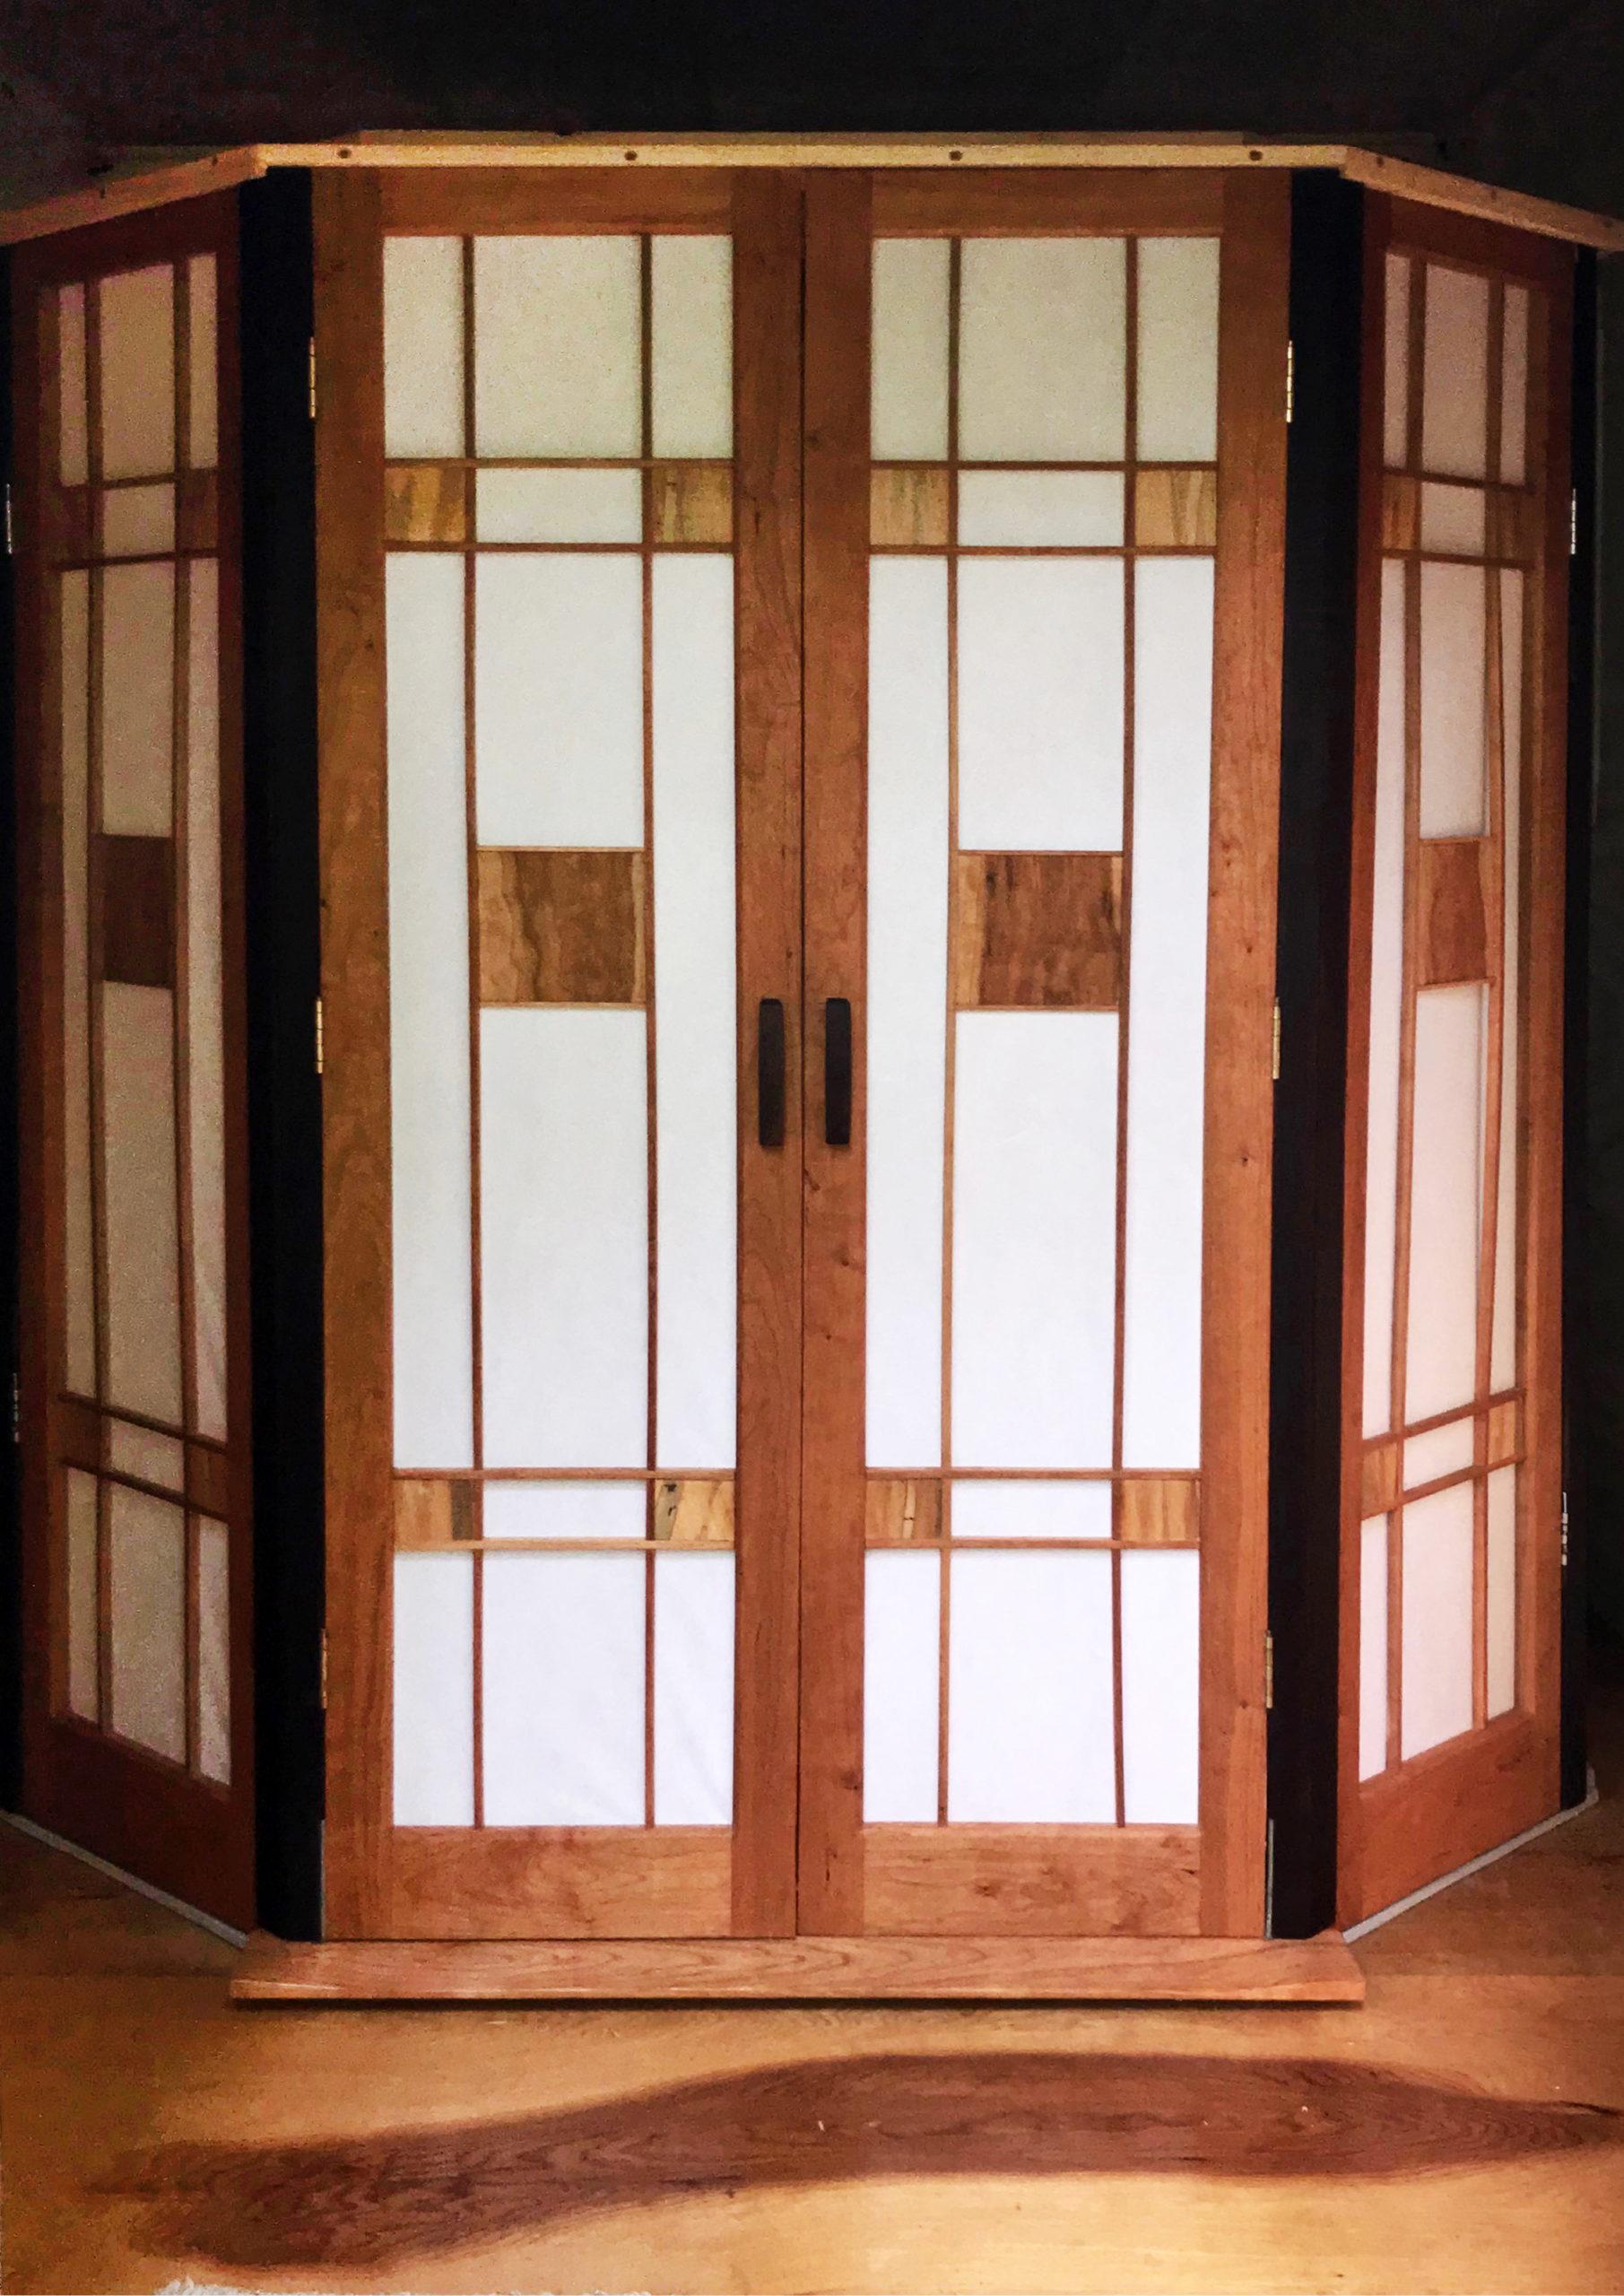 Chautauqua Sanctuary for Spiritual Practice